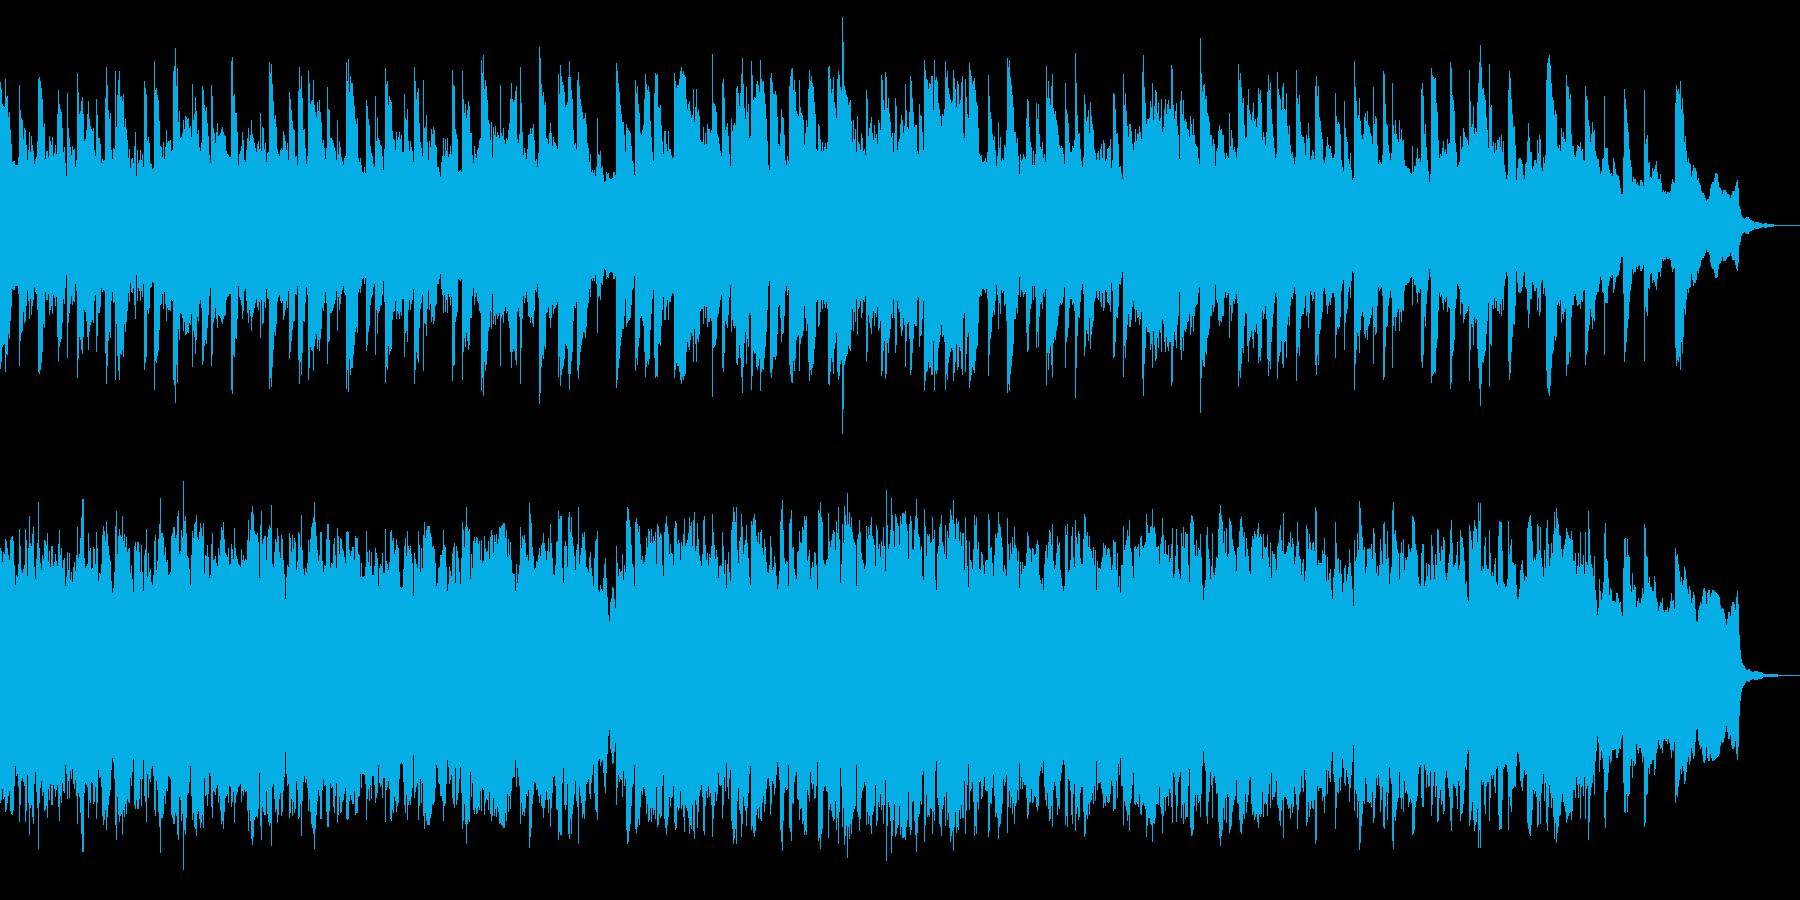 ピアノメインの透明感ある楽曲の再生済みの波形